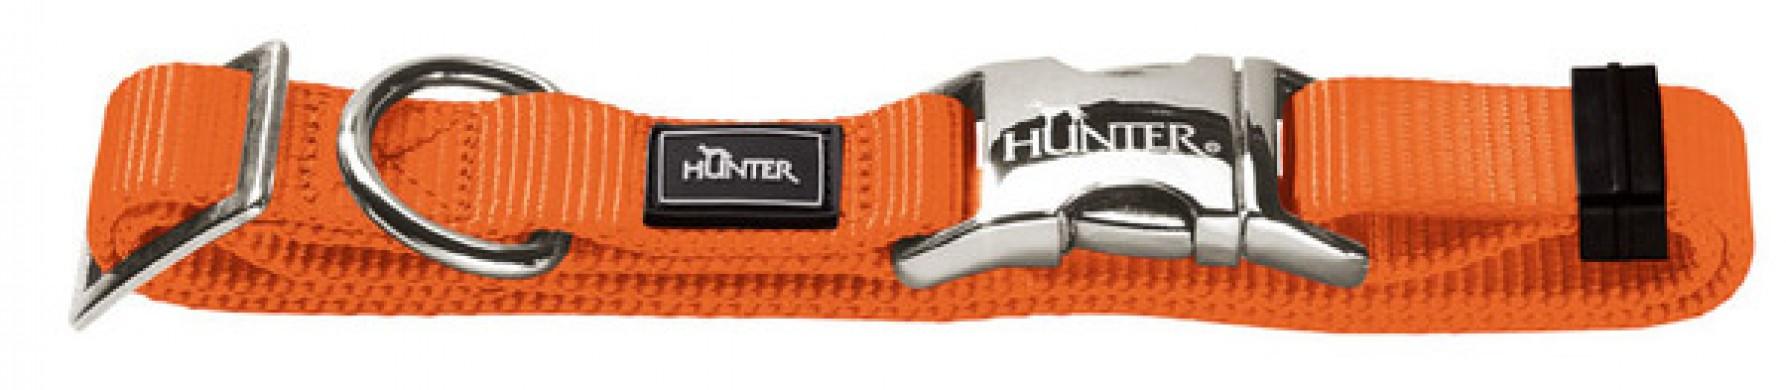 Ошейник для собак Hunter ALU-Strong L оранжевый (45-65 см)